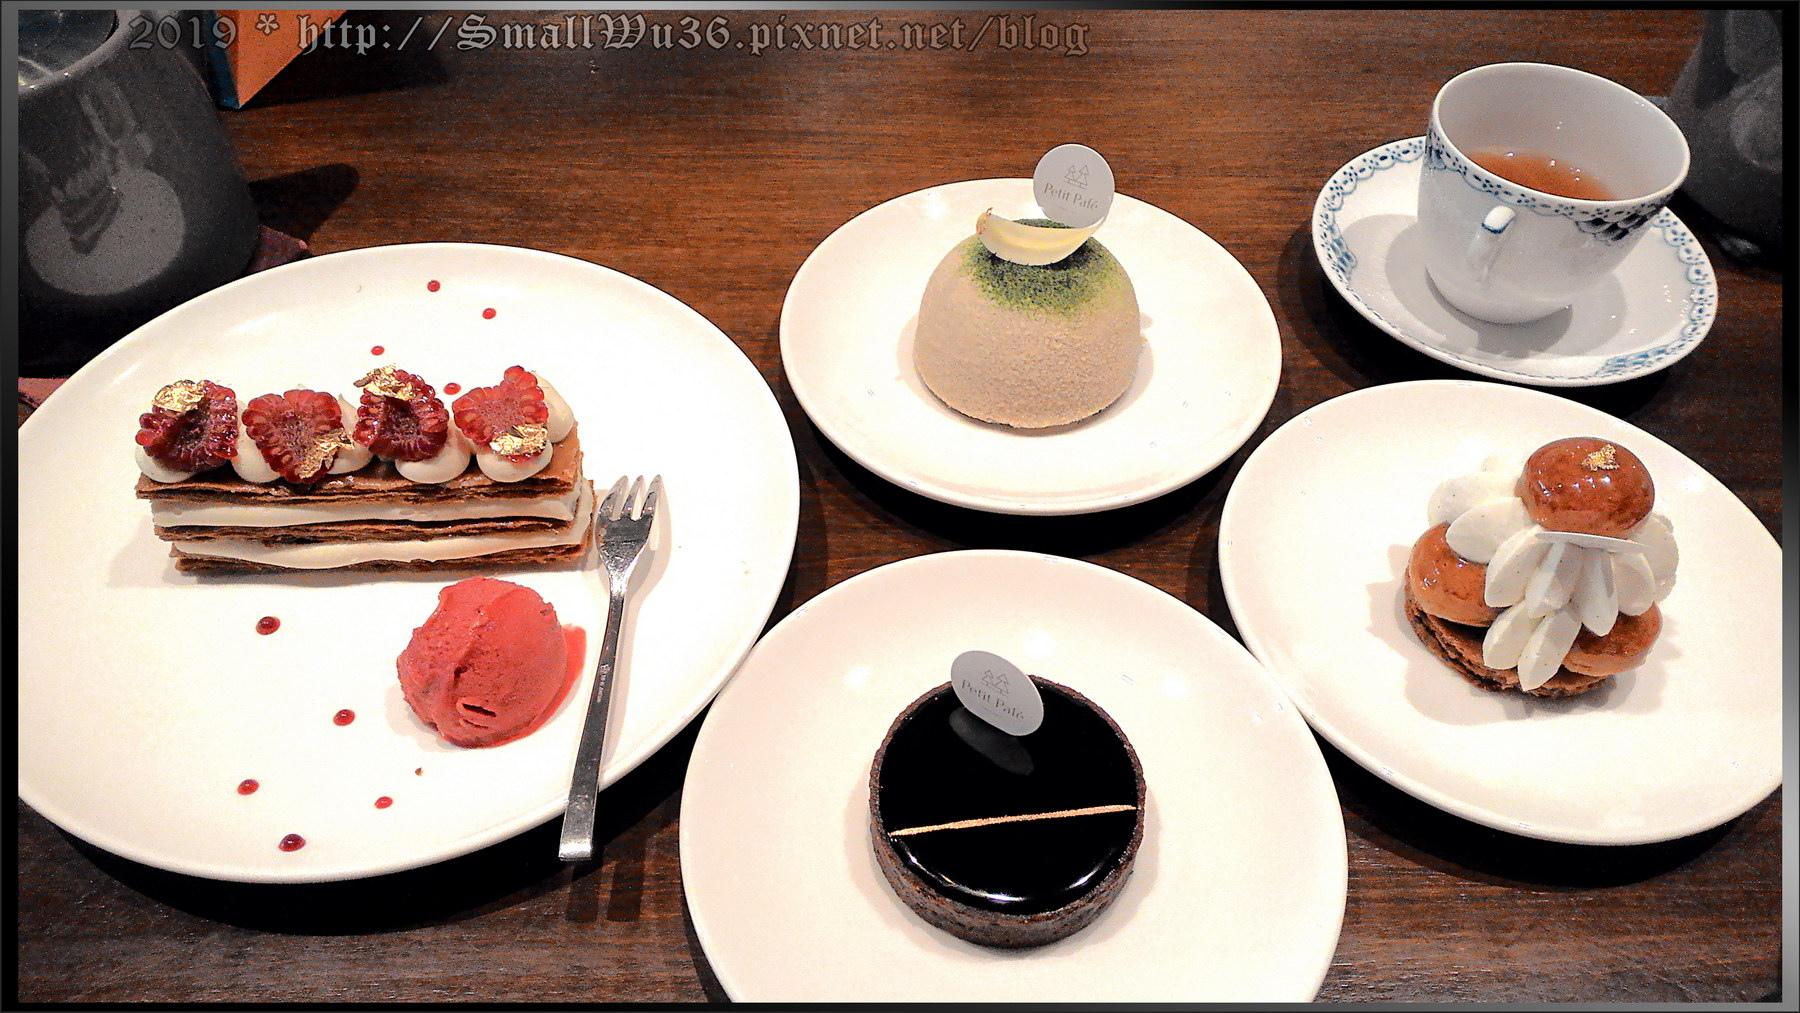 葛瑪蘭威士忌巧克力 茶 小泡芙 莓果.jpg